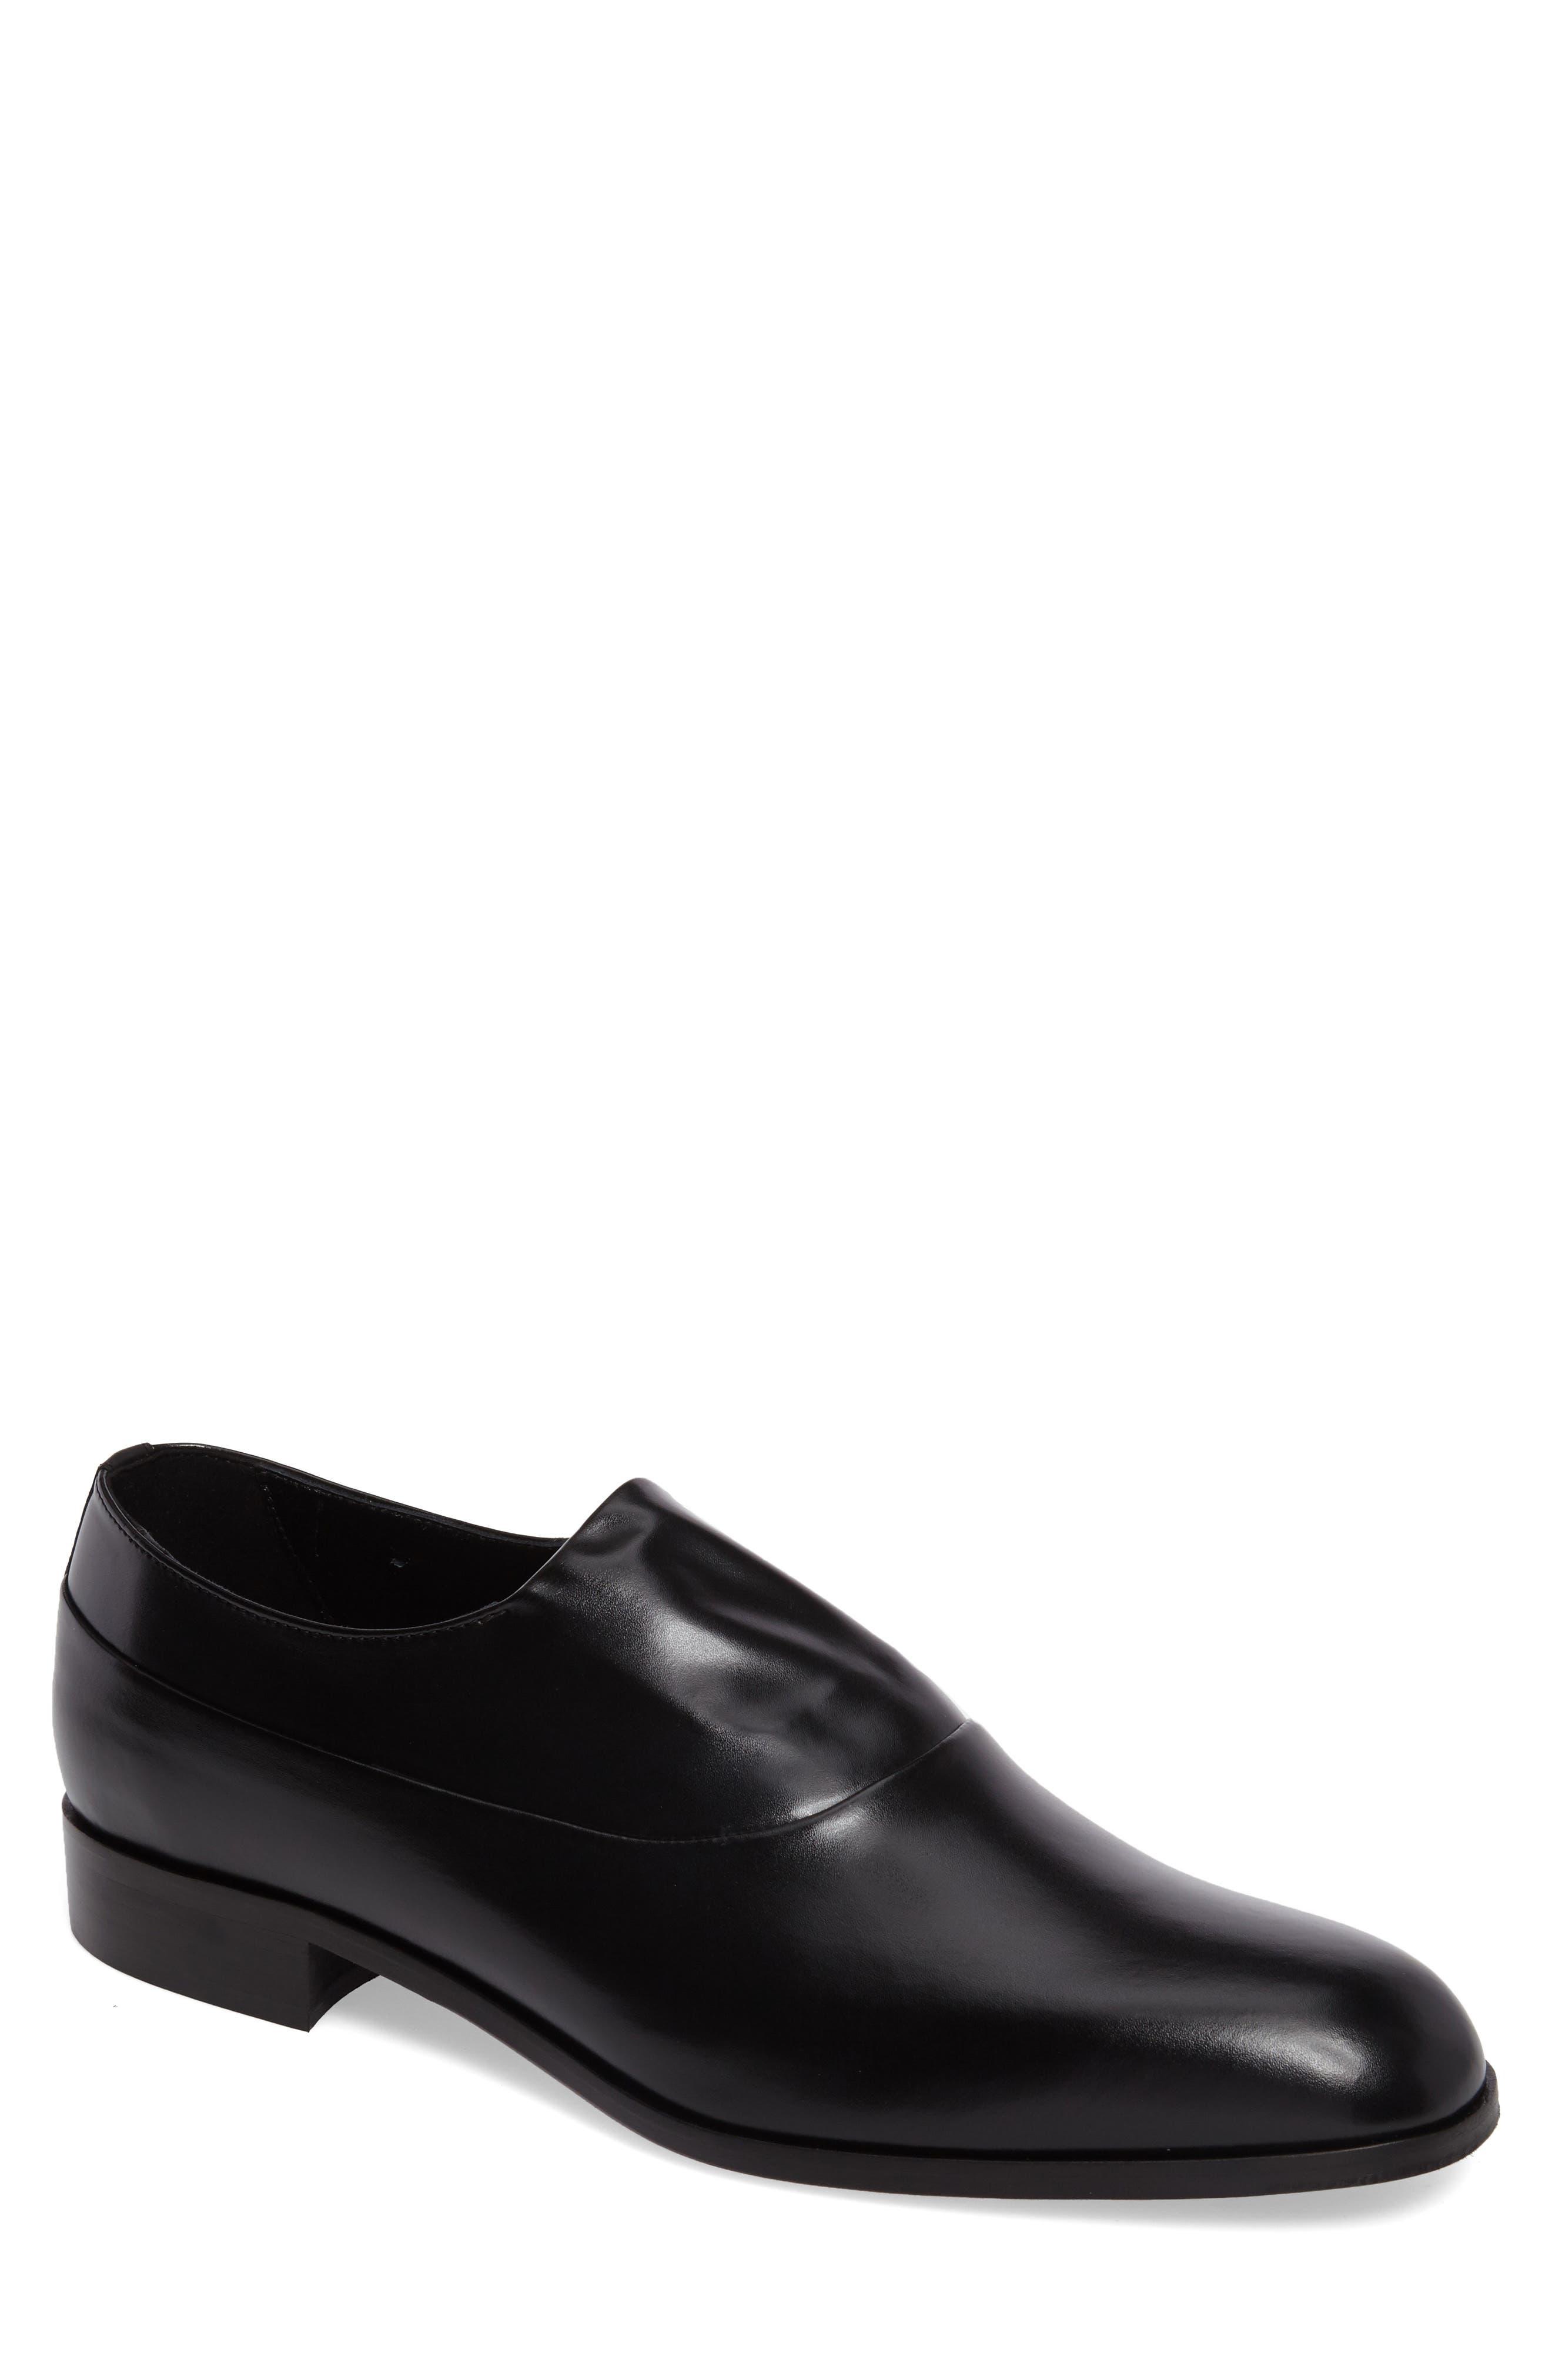 Marcio Venetian Loafer,                         Main,                         color, Black